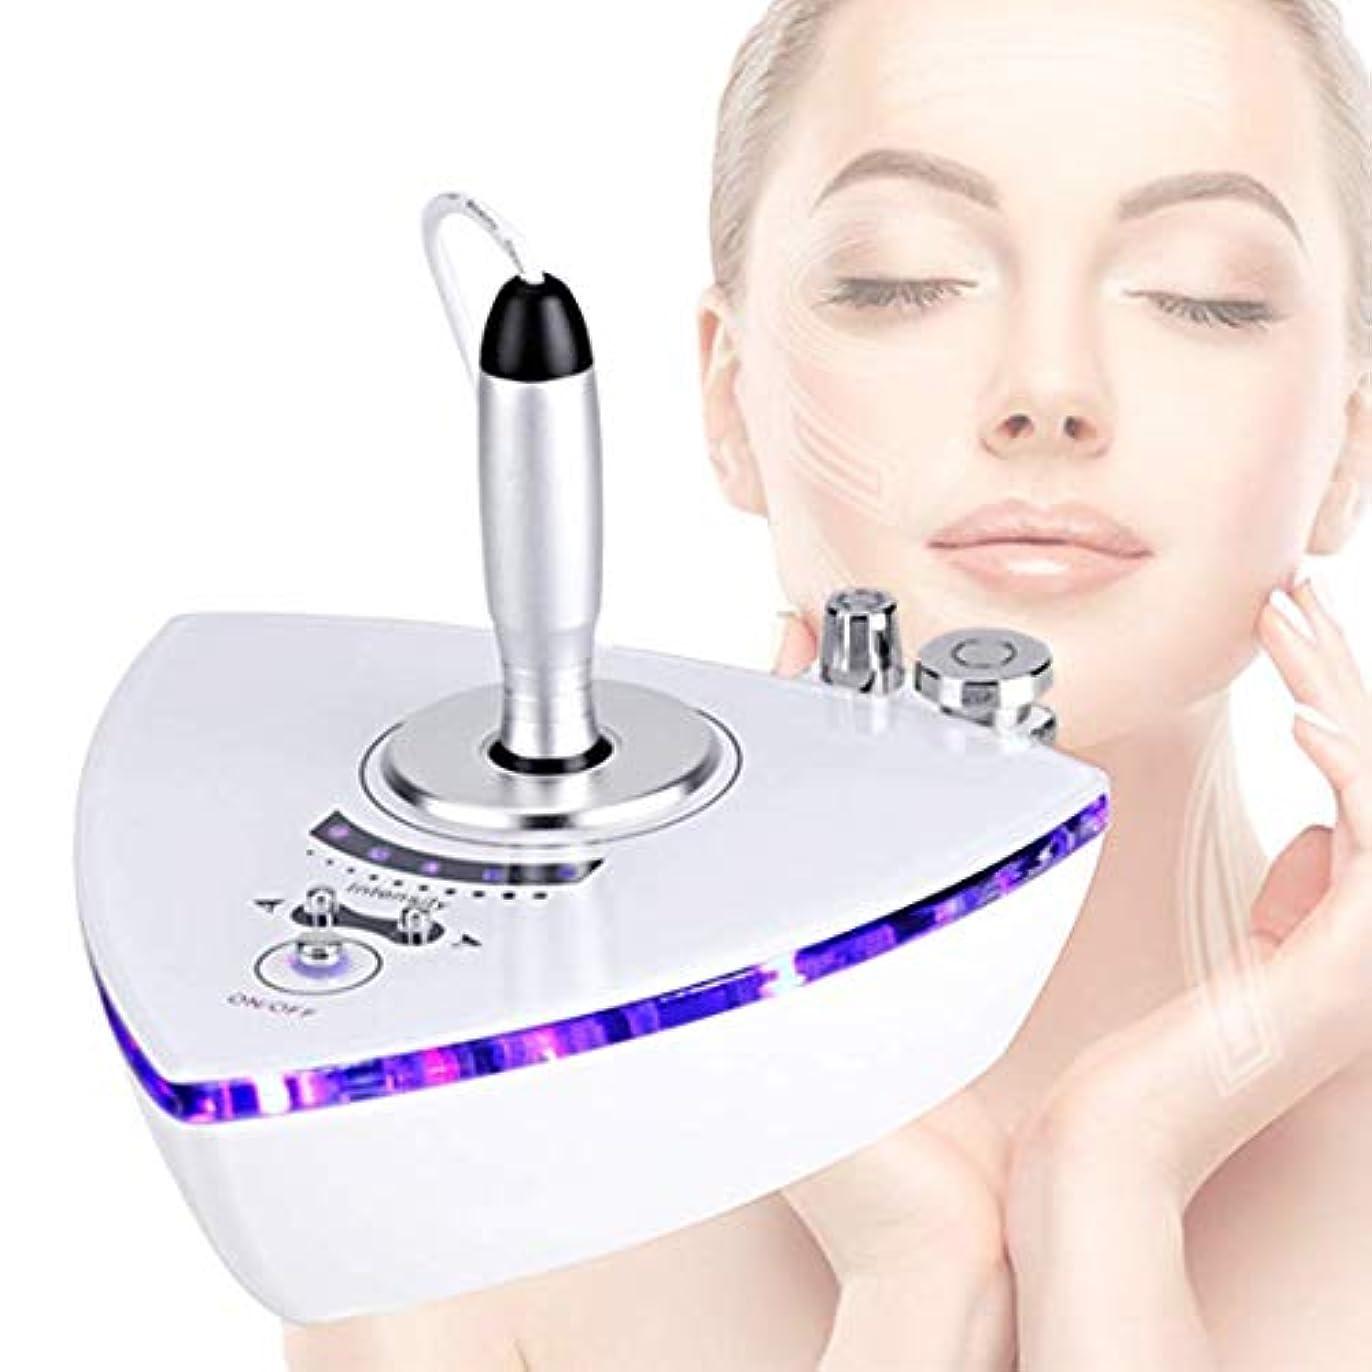 ウミウシ北米バースRFの無線周波数の美顔術機械、反老化のスキンケアをきつく締める皮の若返りのしわ除去の皮のための家の使用携帯用美顔術機械